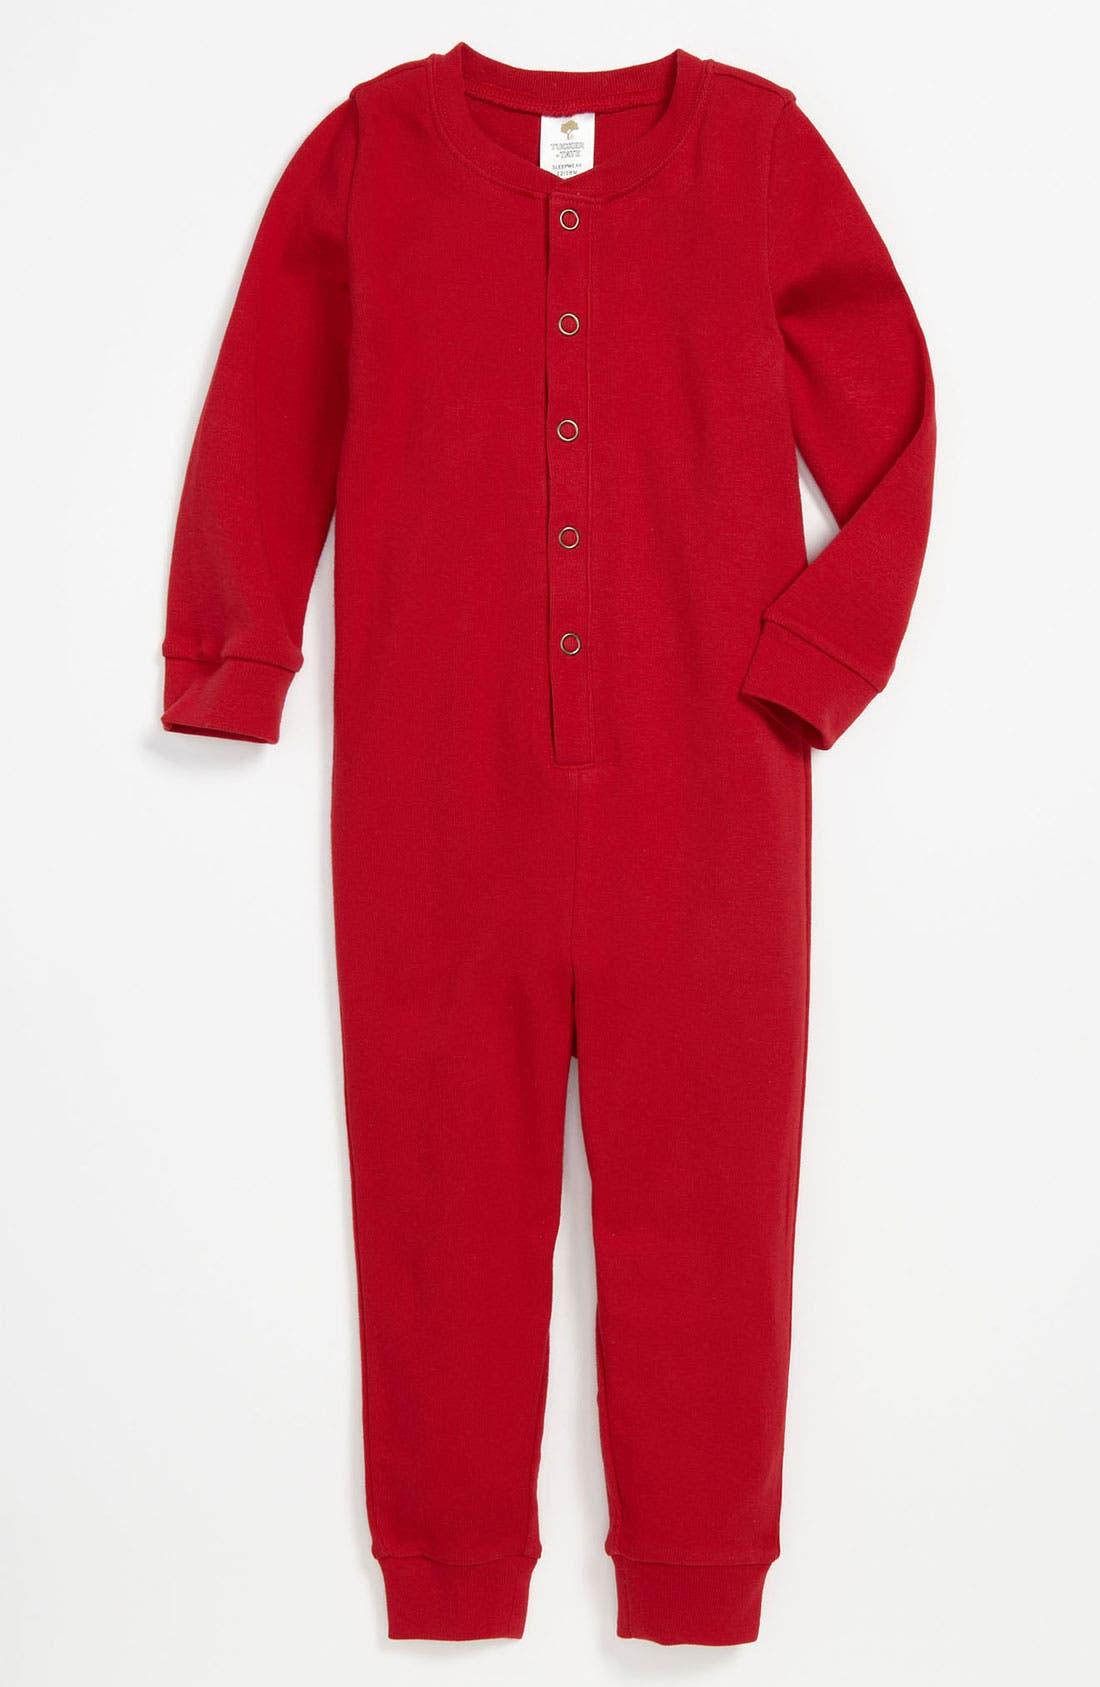 Main Image - Tucker + Tate Union Suit Pajamas (Infant)